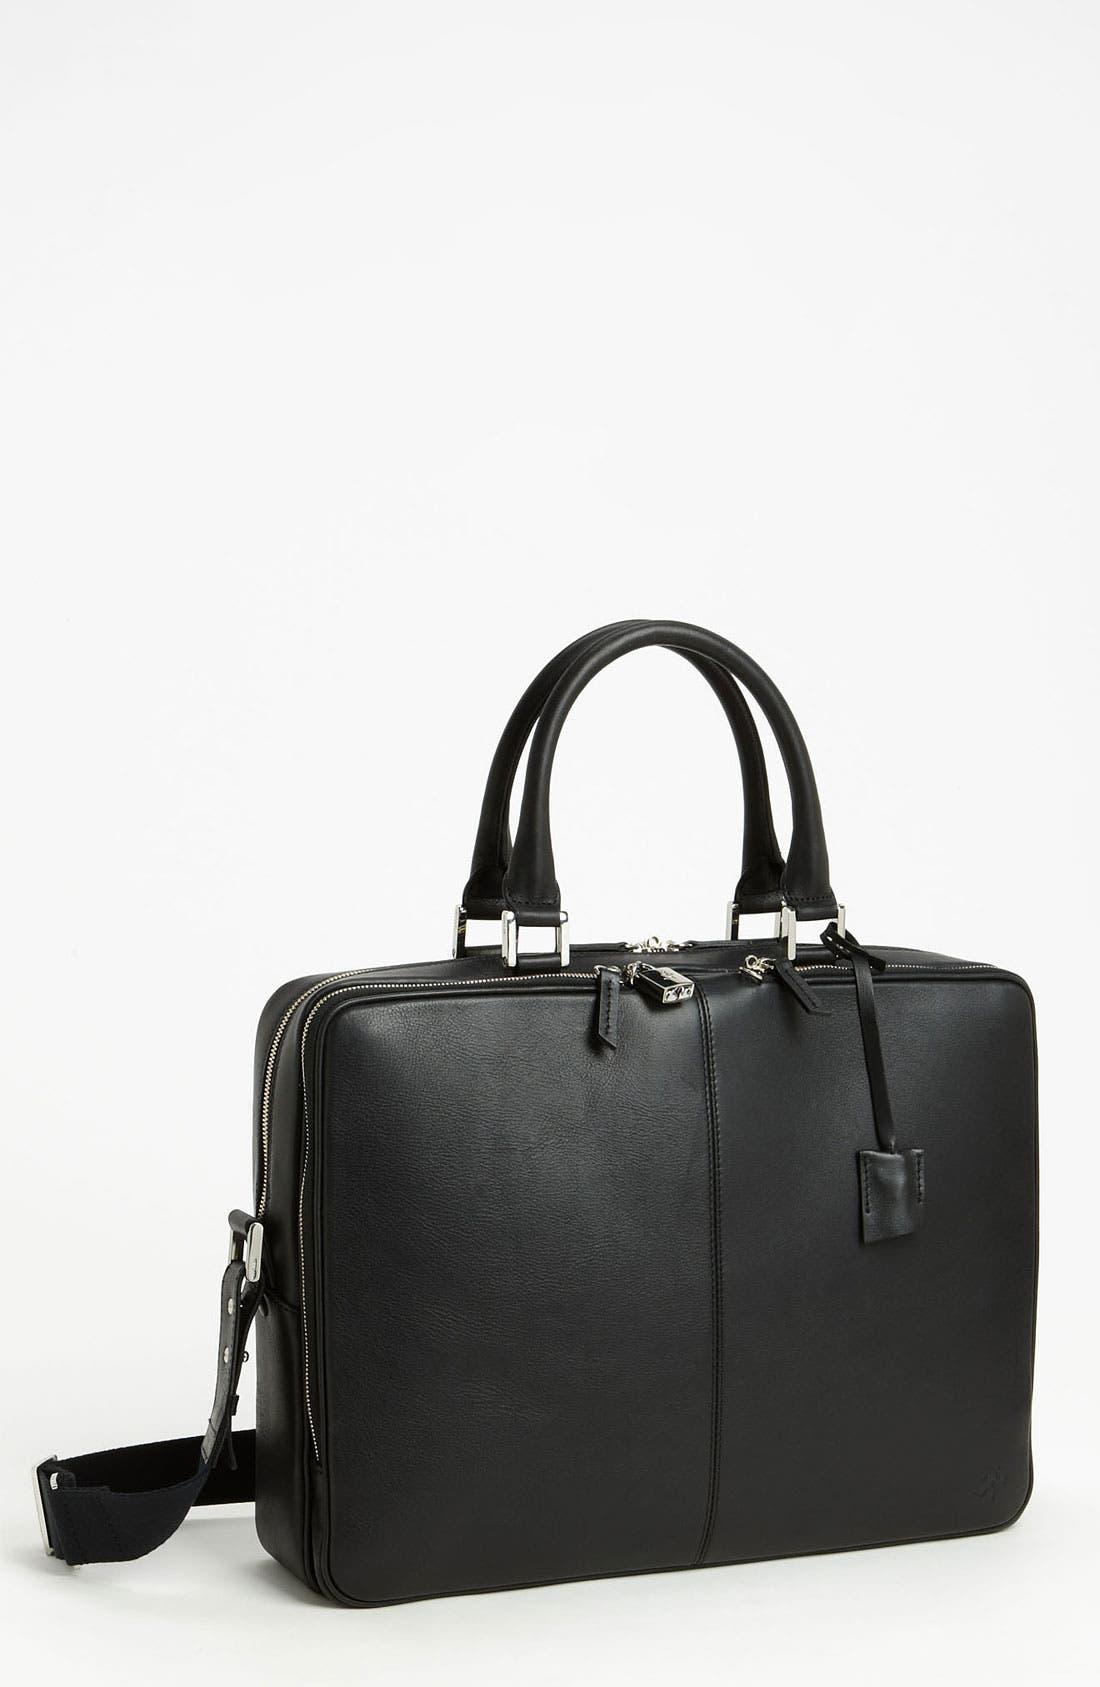 Main Image - WANT Les Essentiels de la Vie 'Trudeay' Leather Briefcase